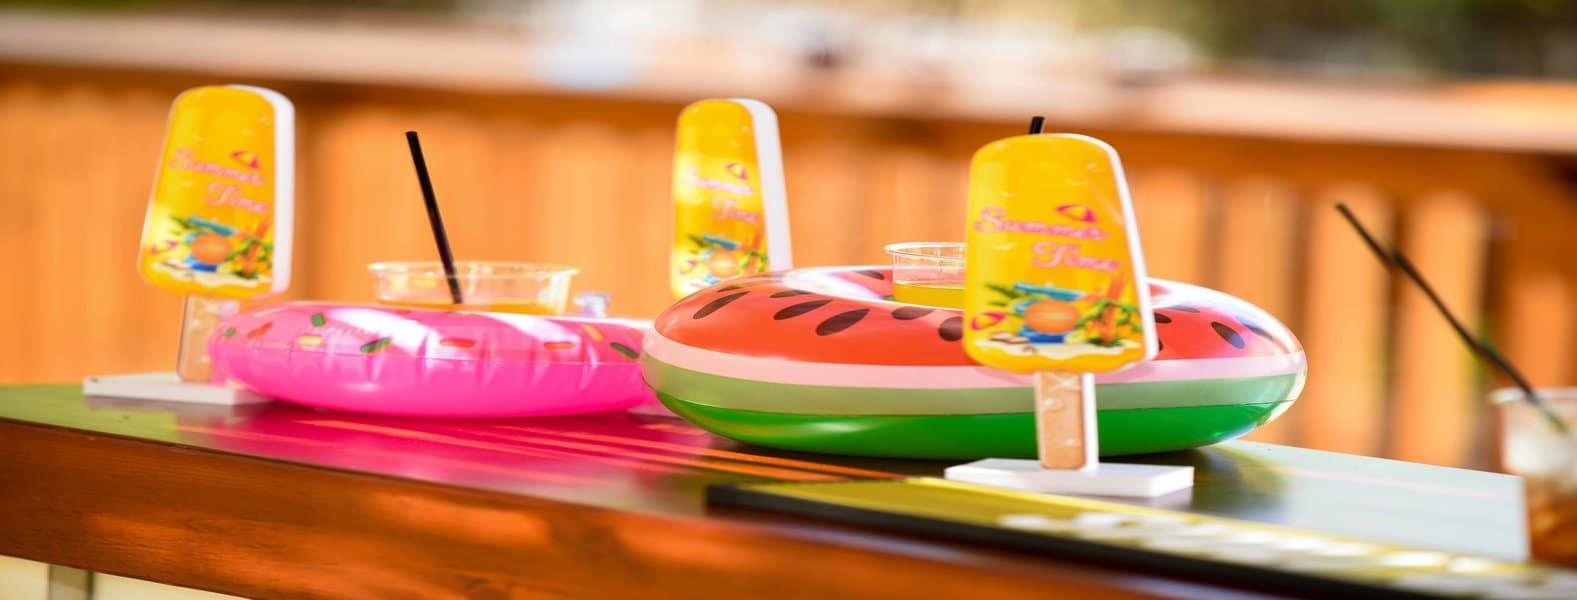 תמונת שער של משקאות וקרטיבים צוננים במסגרת אירוע חוף לנופש לקבוצות